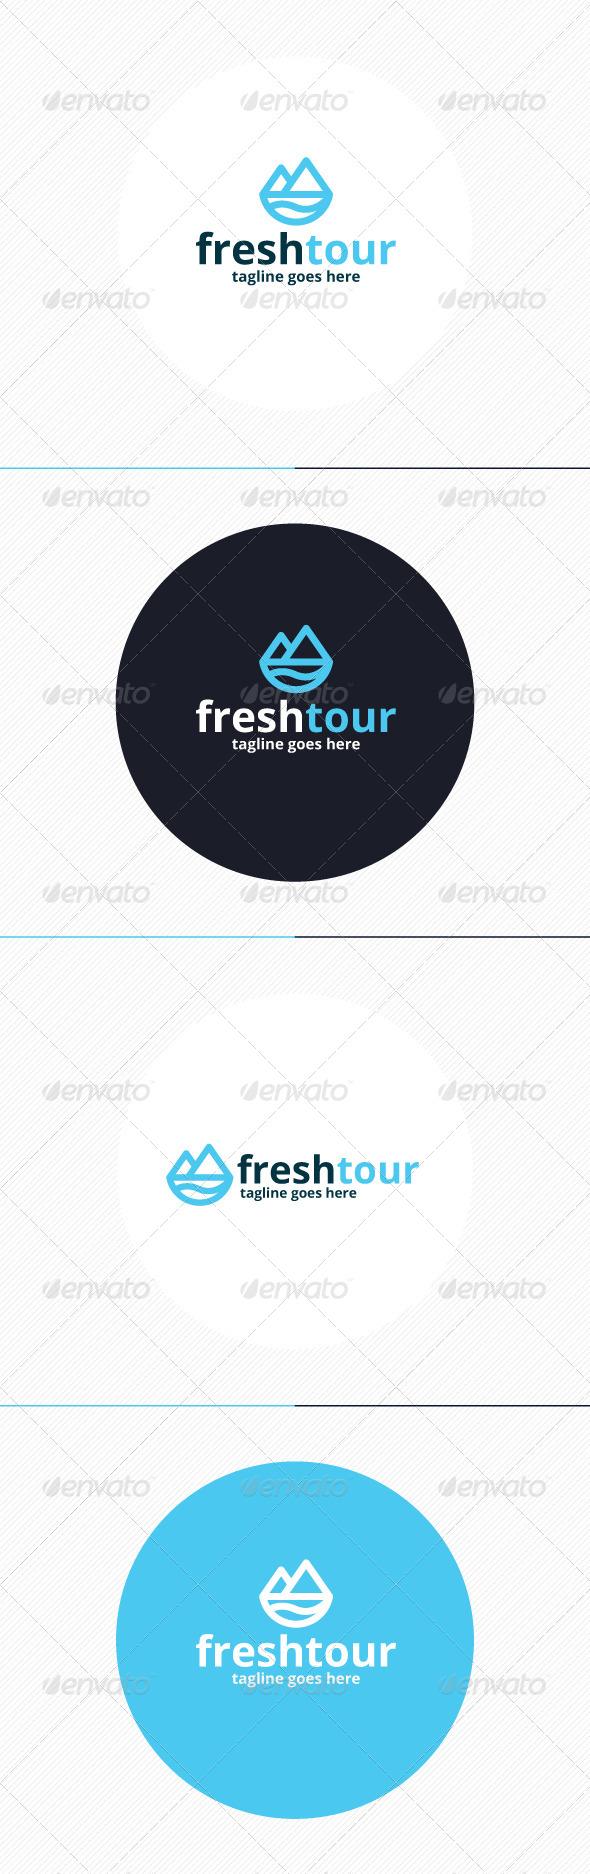 GraphicRiver Fresh Tour Logo 8744509